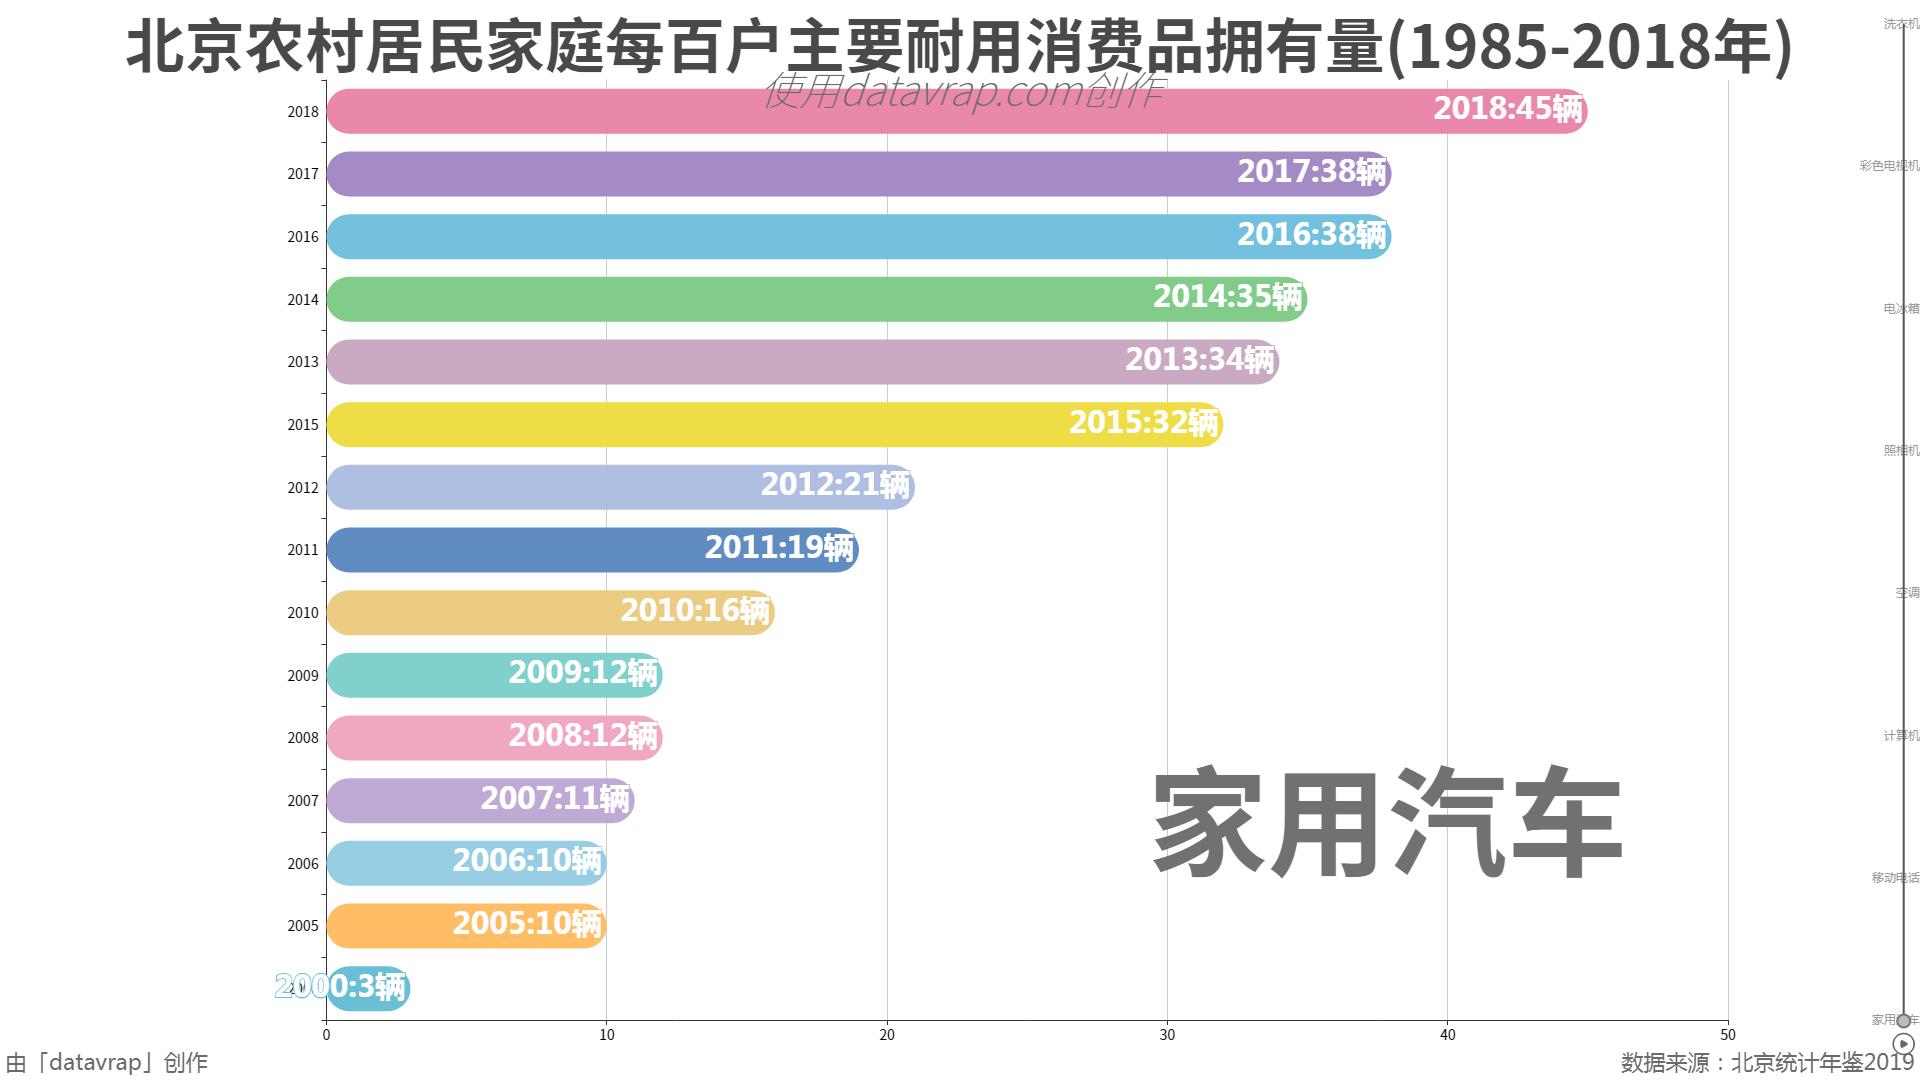 北京农村居民家庭每百户主要耐用消费品拥有量(1985-2018年)